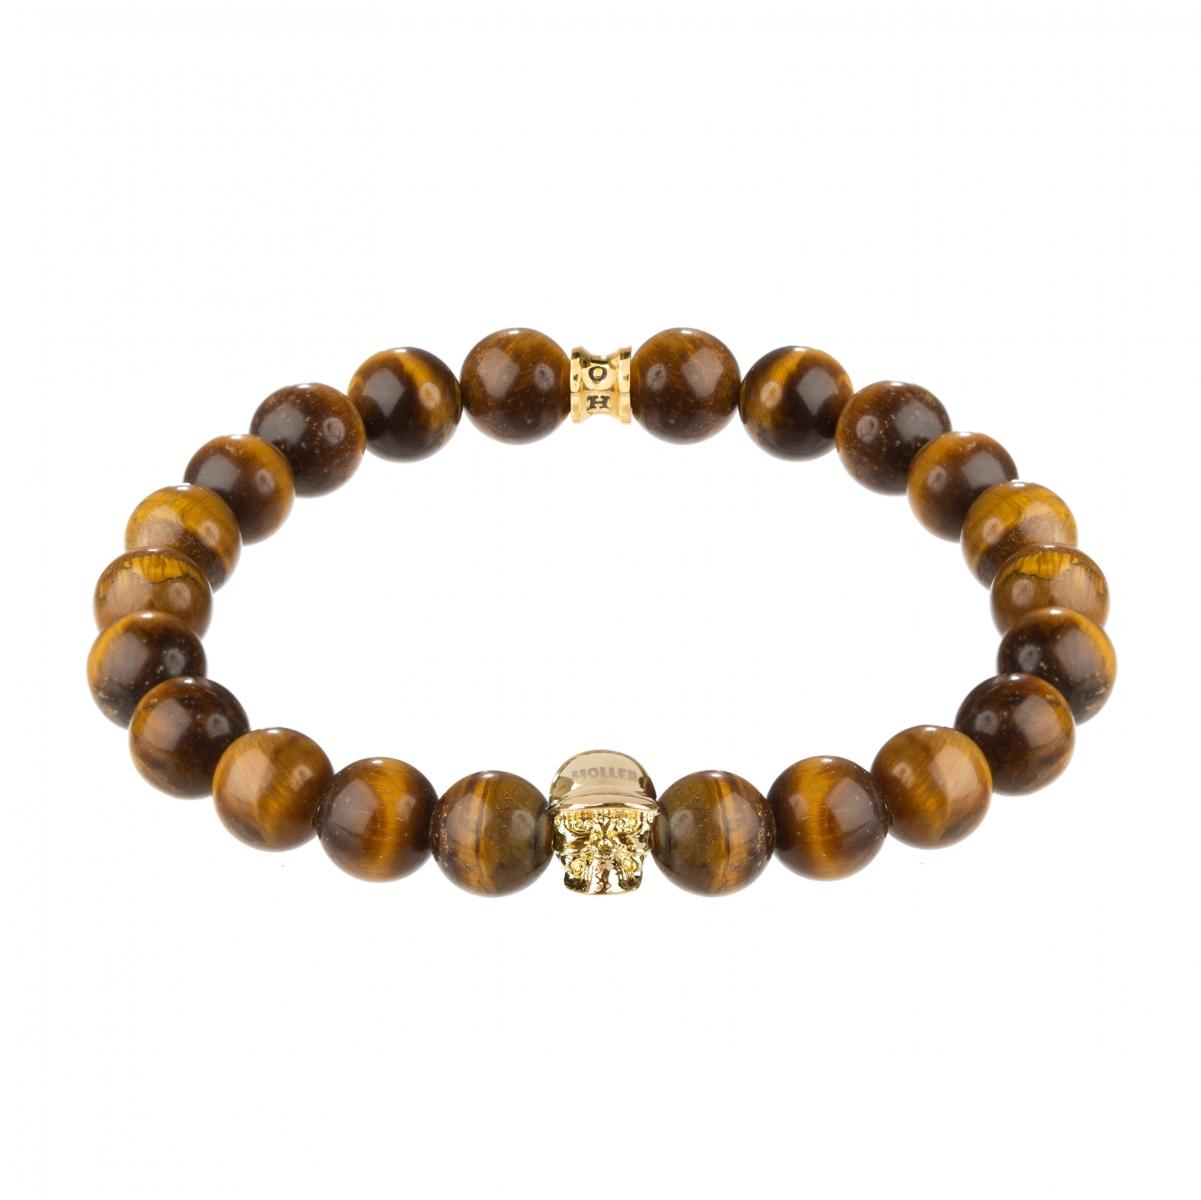 Jefferson Gold Polished Skull / 10mm Orange Tiger Eye Natural Stone Bracelet